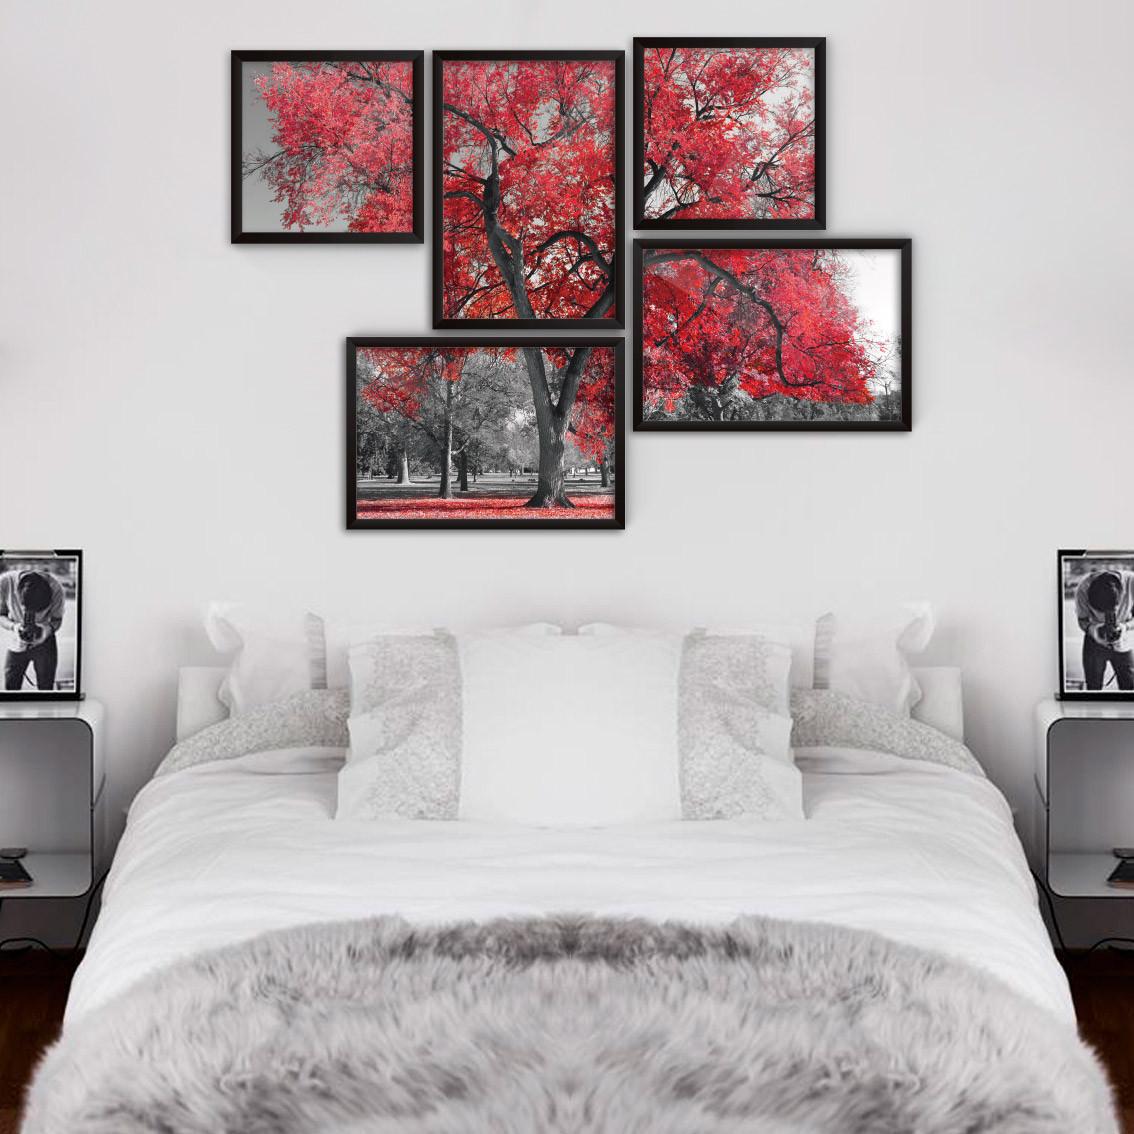 Conjuntos de quadros decorativos rvore vermelha modelo for Conjunto de espejos decorativos